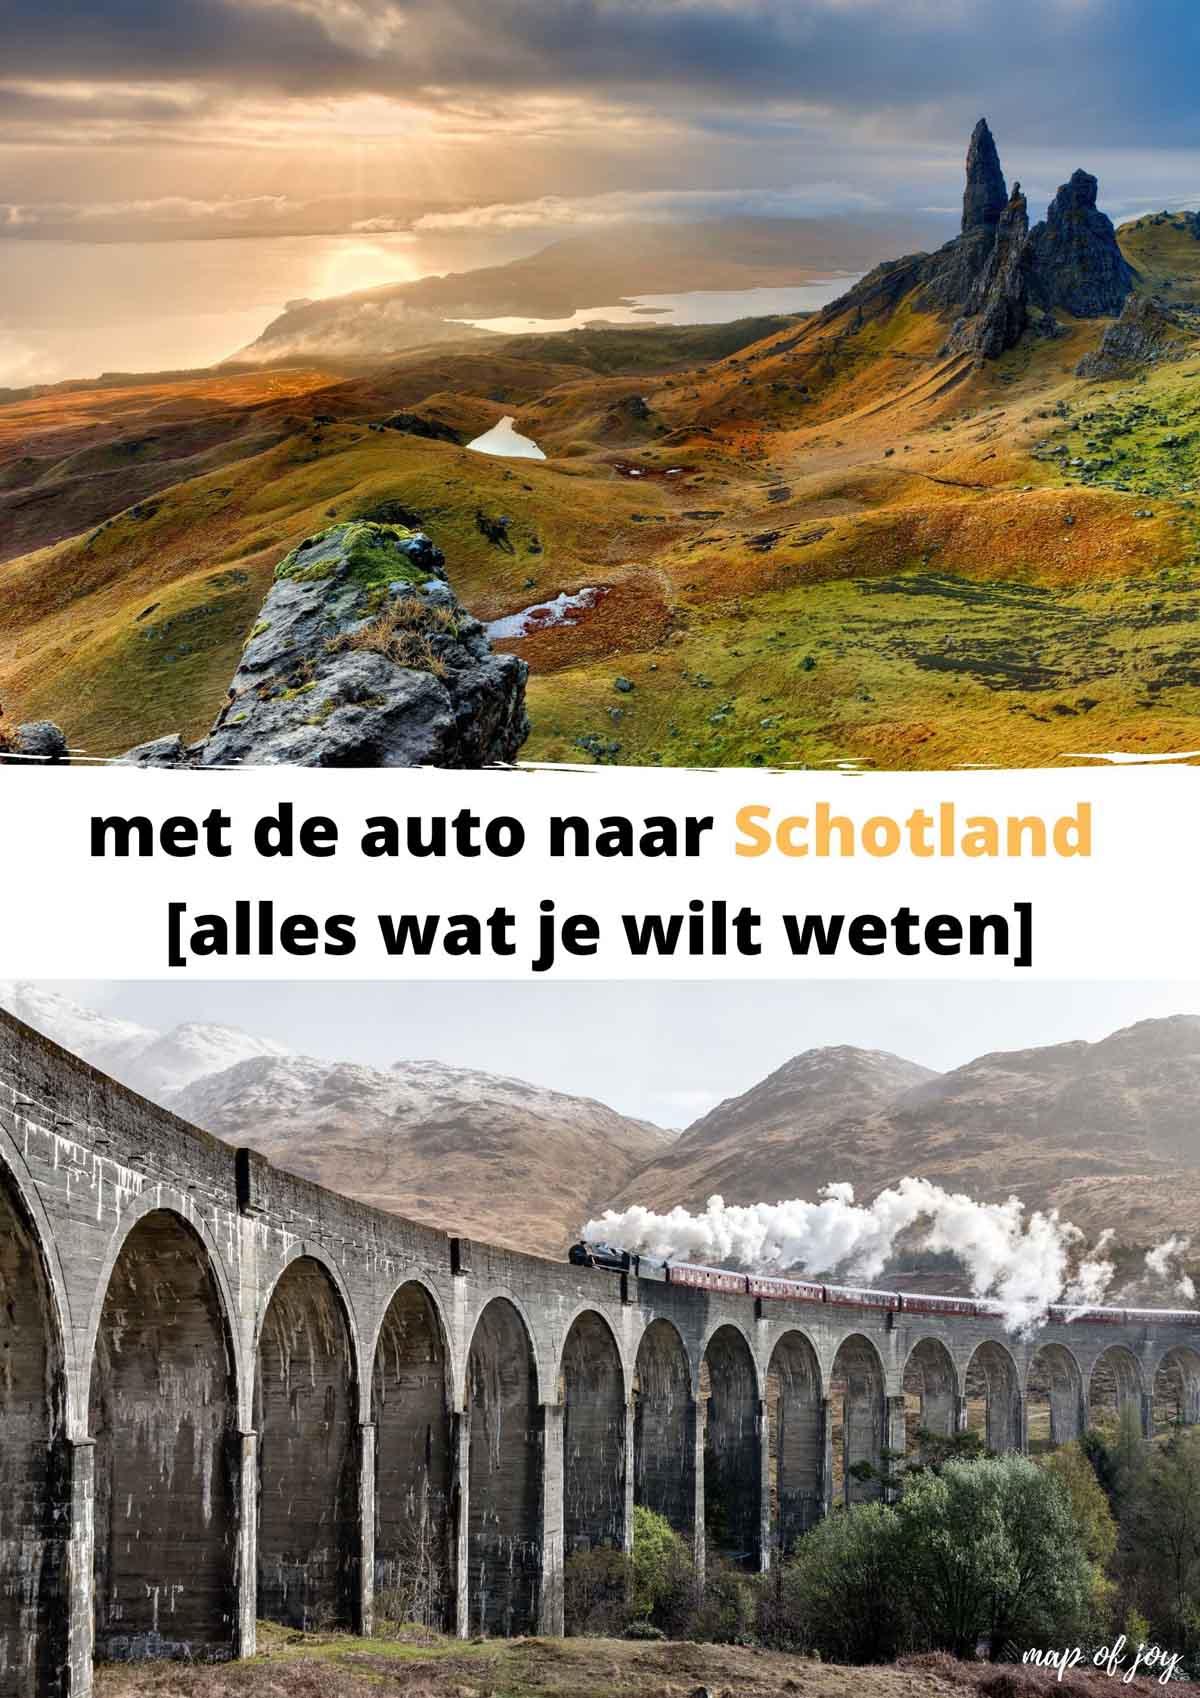 Met de auto naar Schotland: alles wat je wilt weten